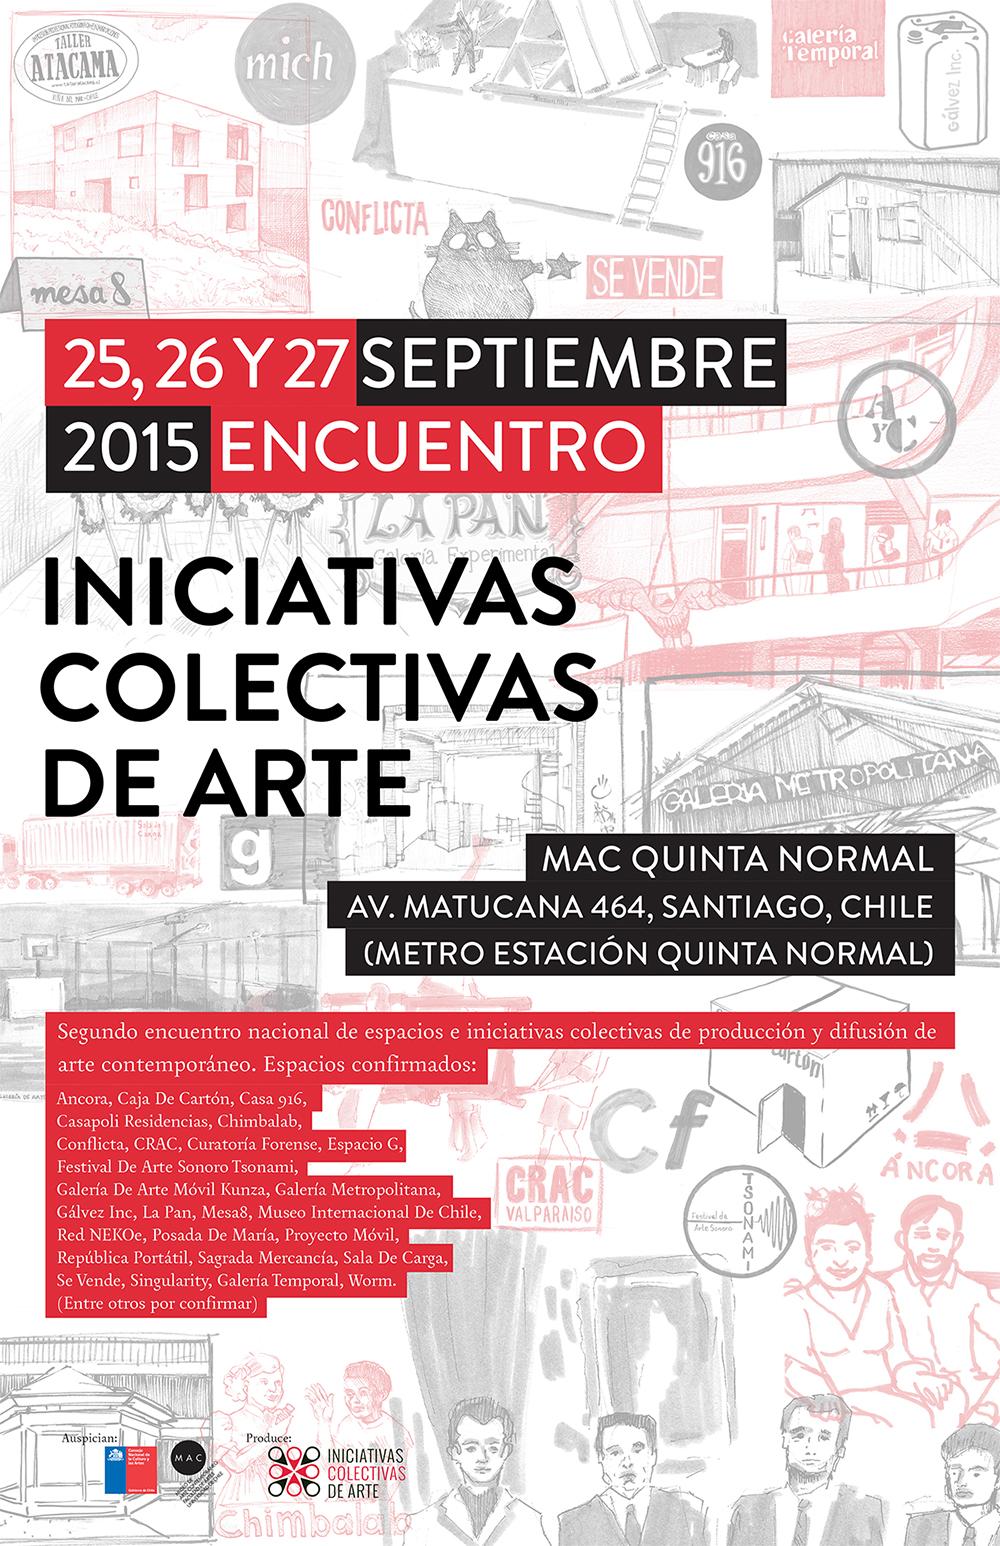 afiche_iniciativas_colectivas_de_arte